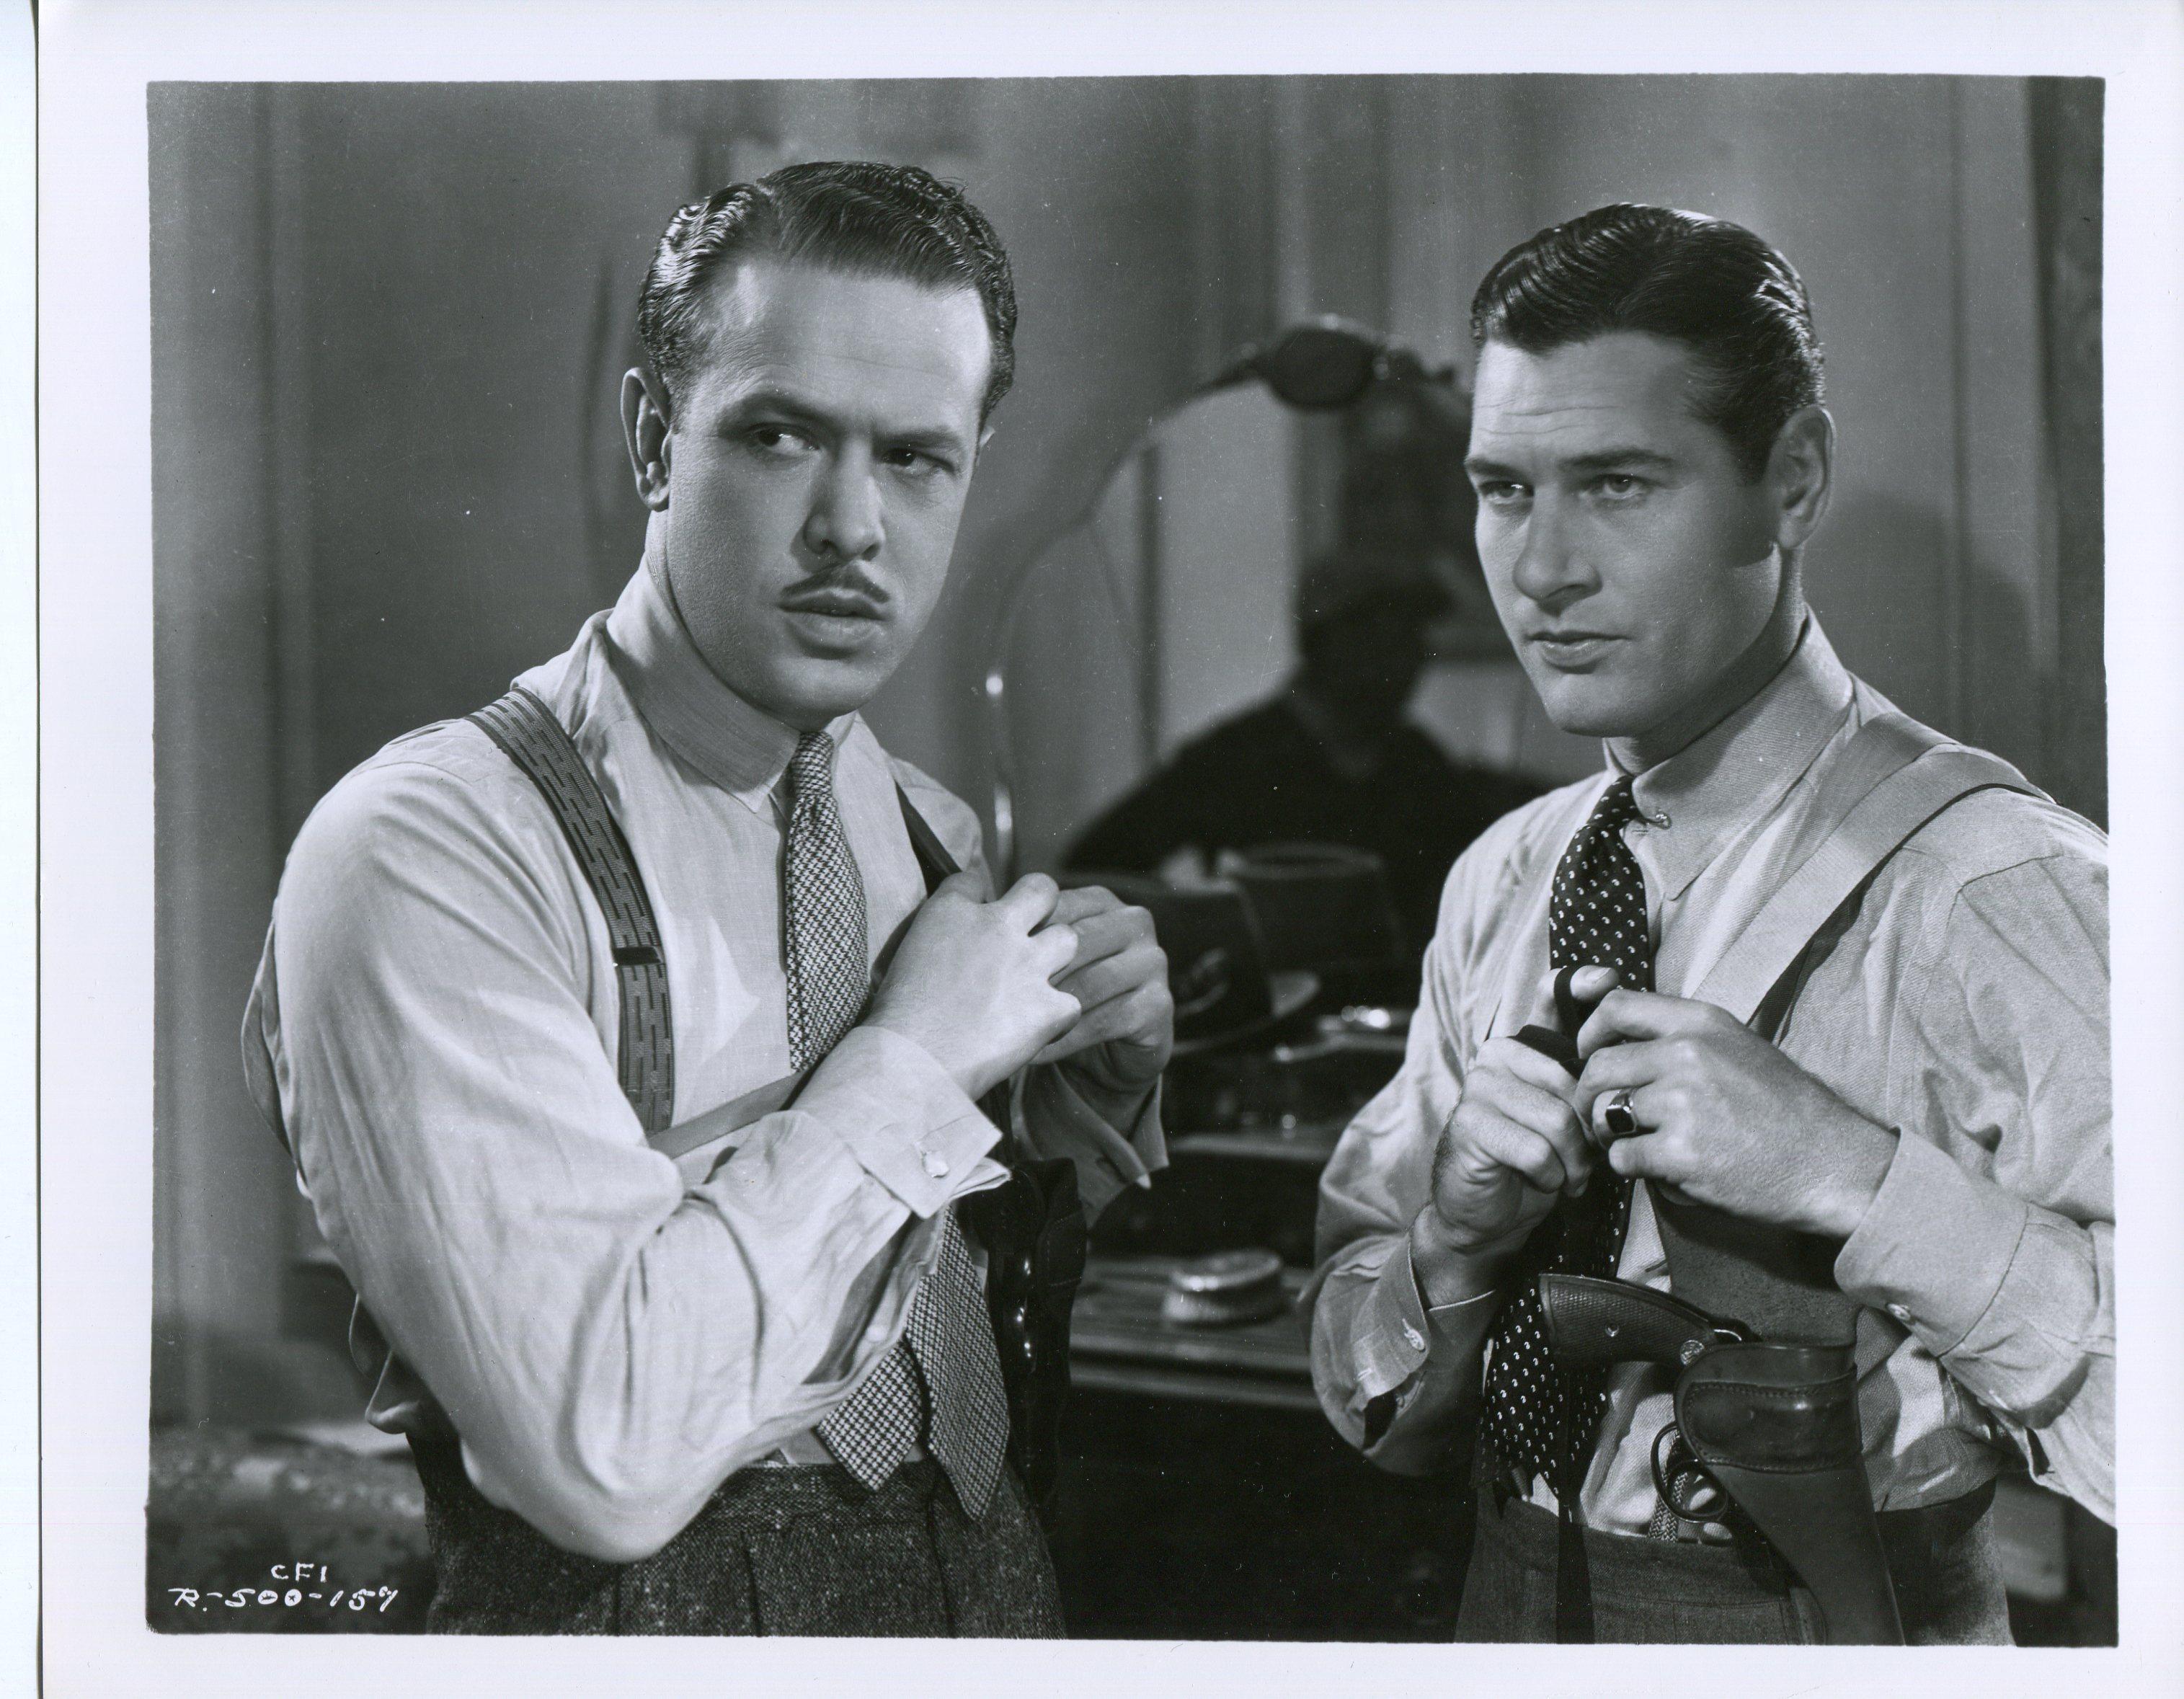 Richard Arlen and Harvey Stephens in Let 'em Have It (1935)